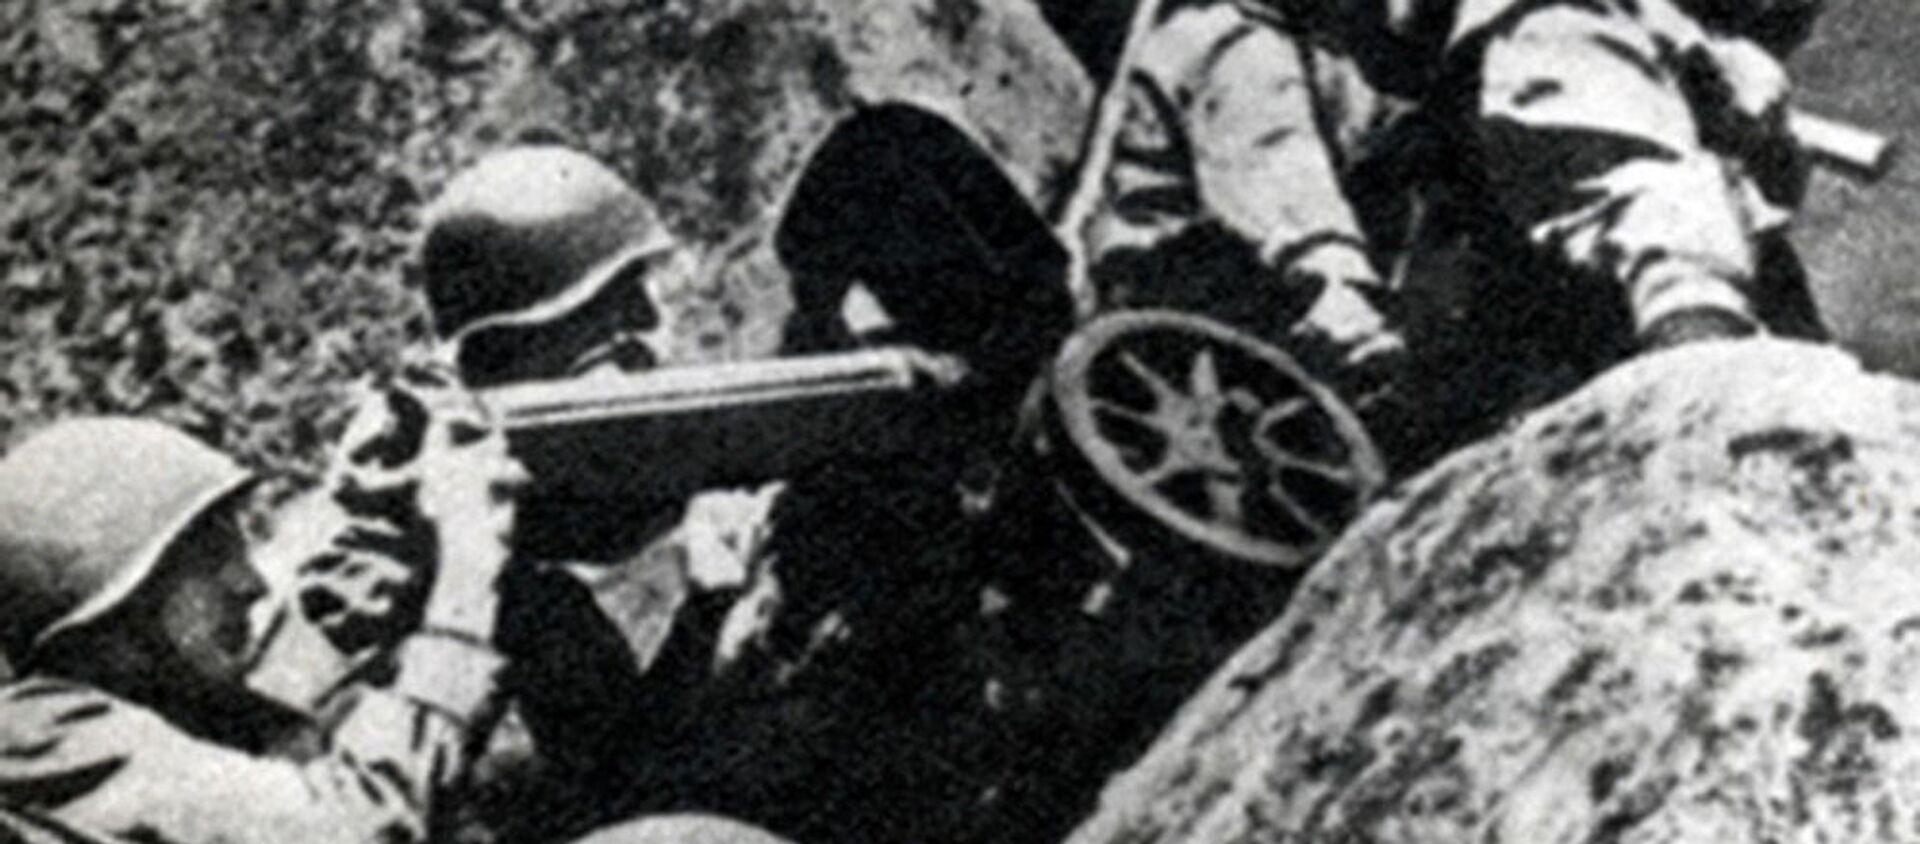 Kulometníci mění postavení. Karpatsko-dukelská operace, 1944. - Sputnik Česká republika, 1920, 06.10.2020